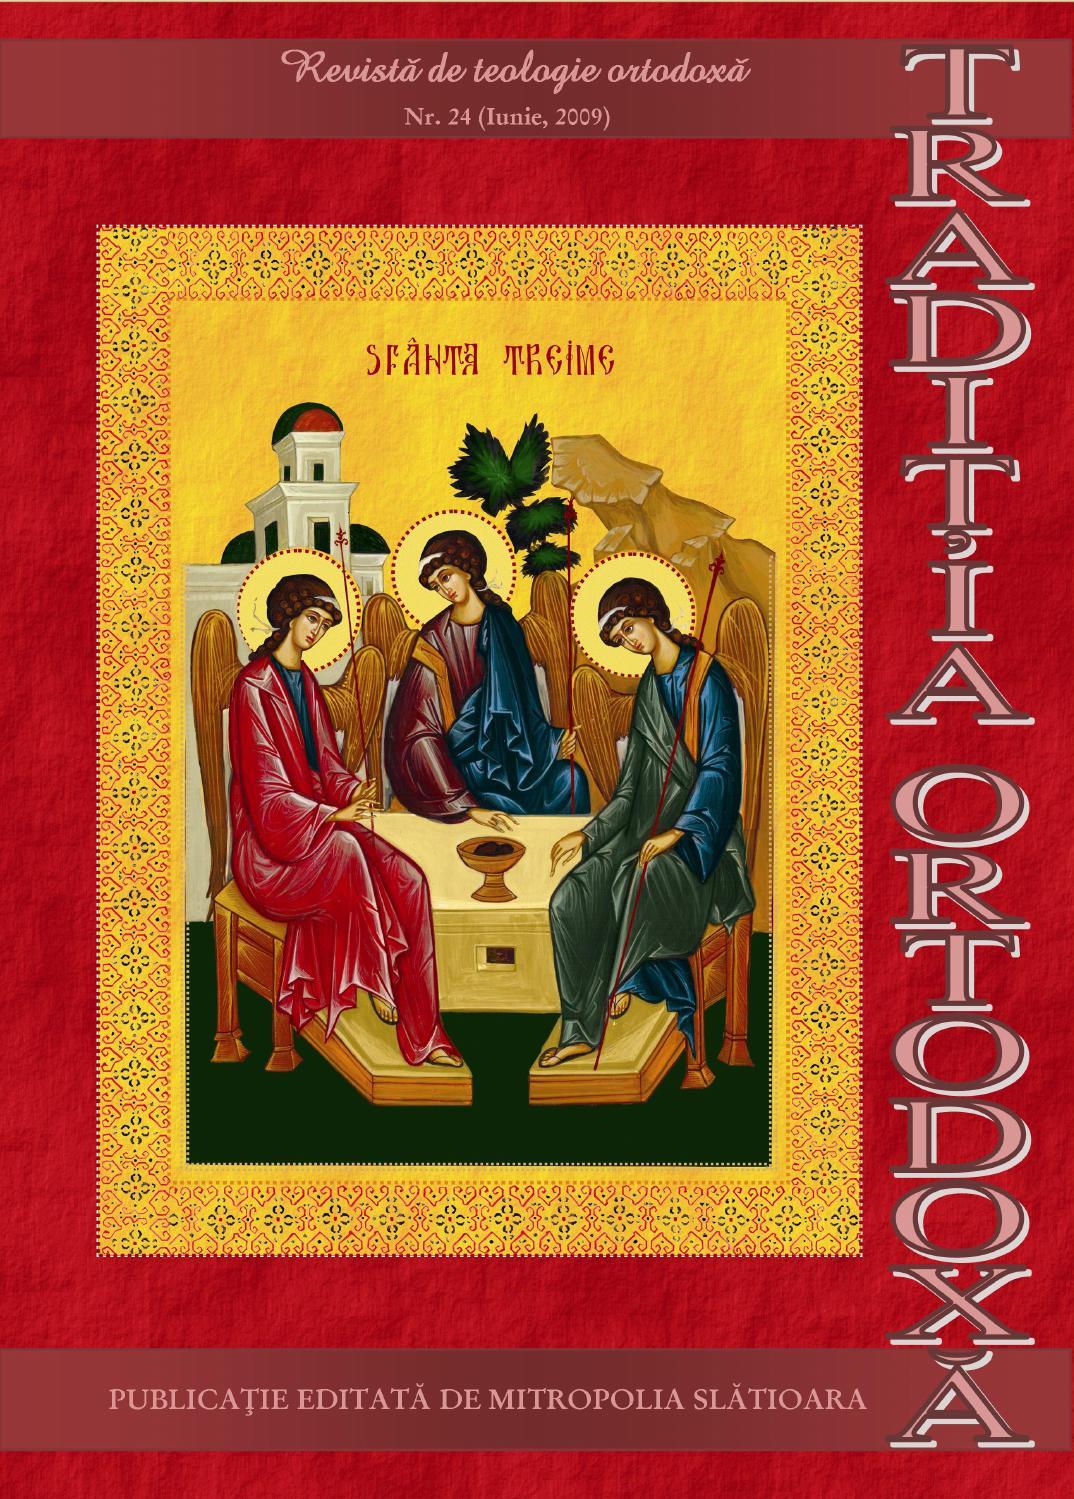 schizofrenie din punct de vedere al ortodoxiei